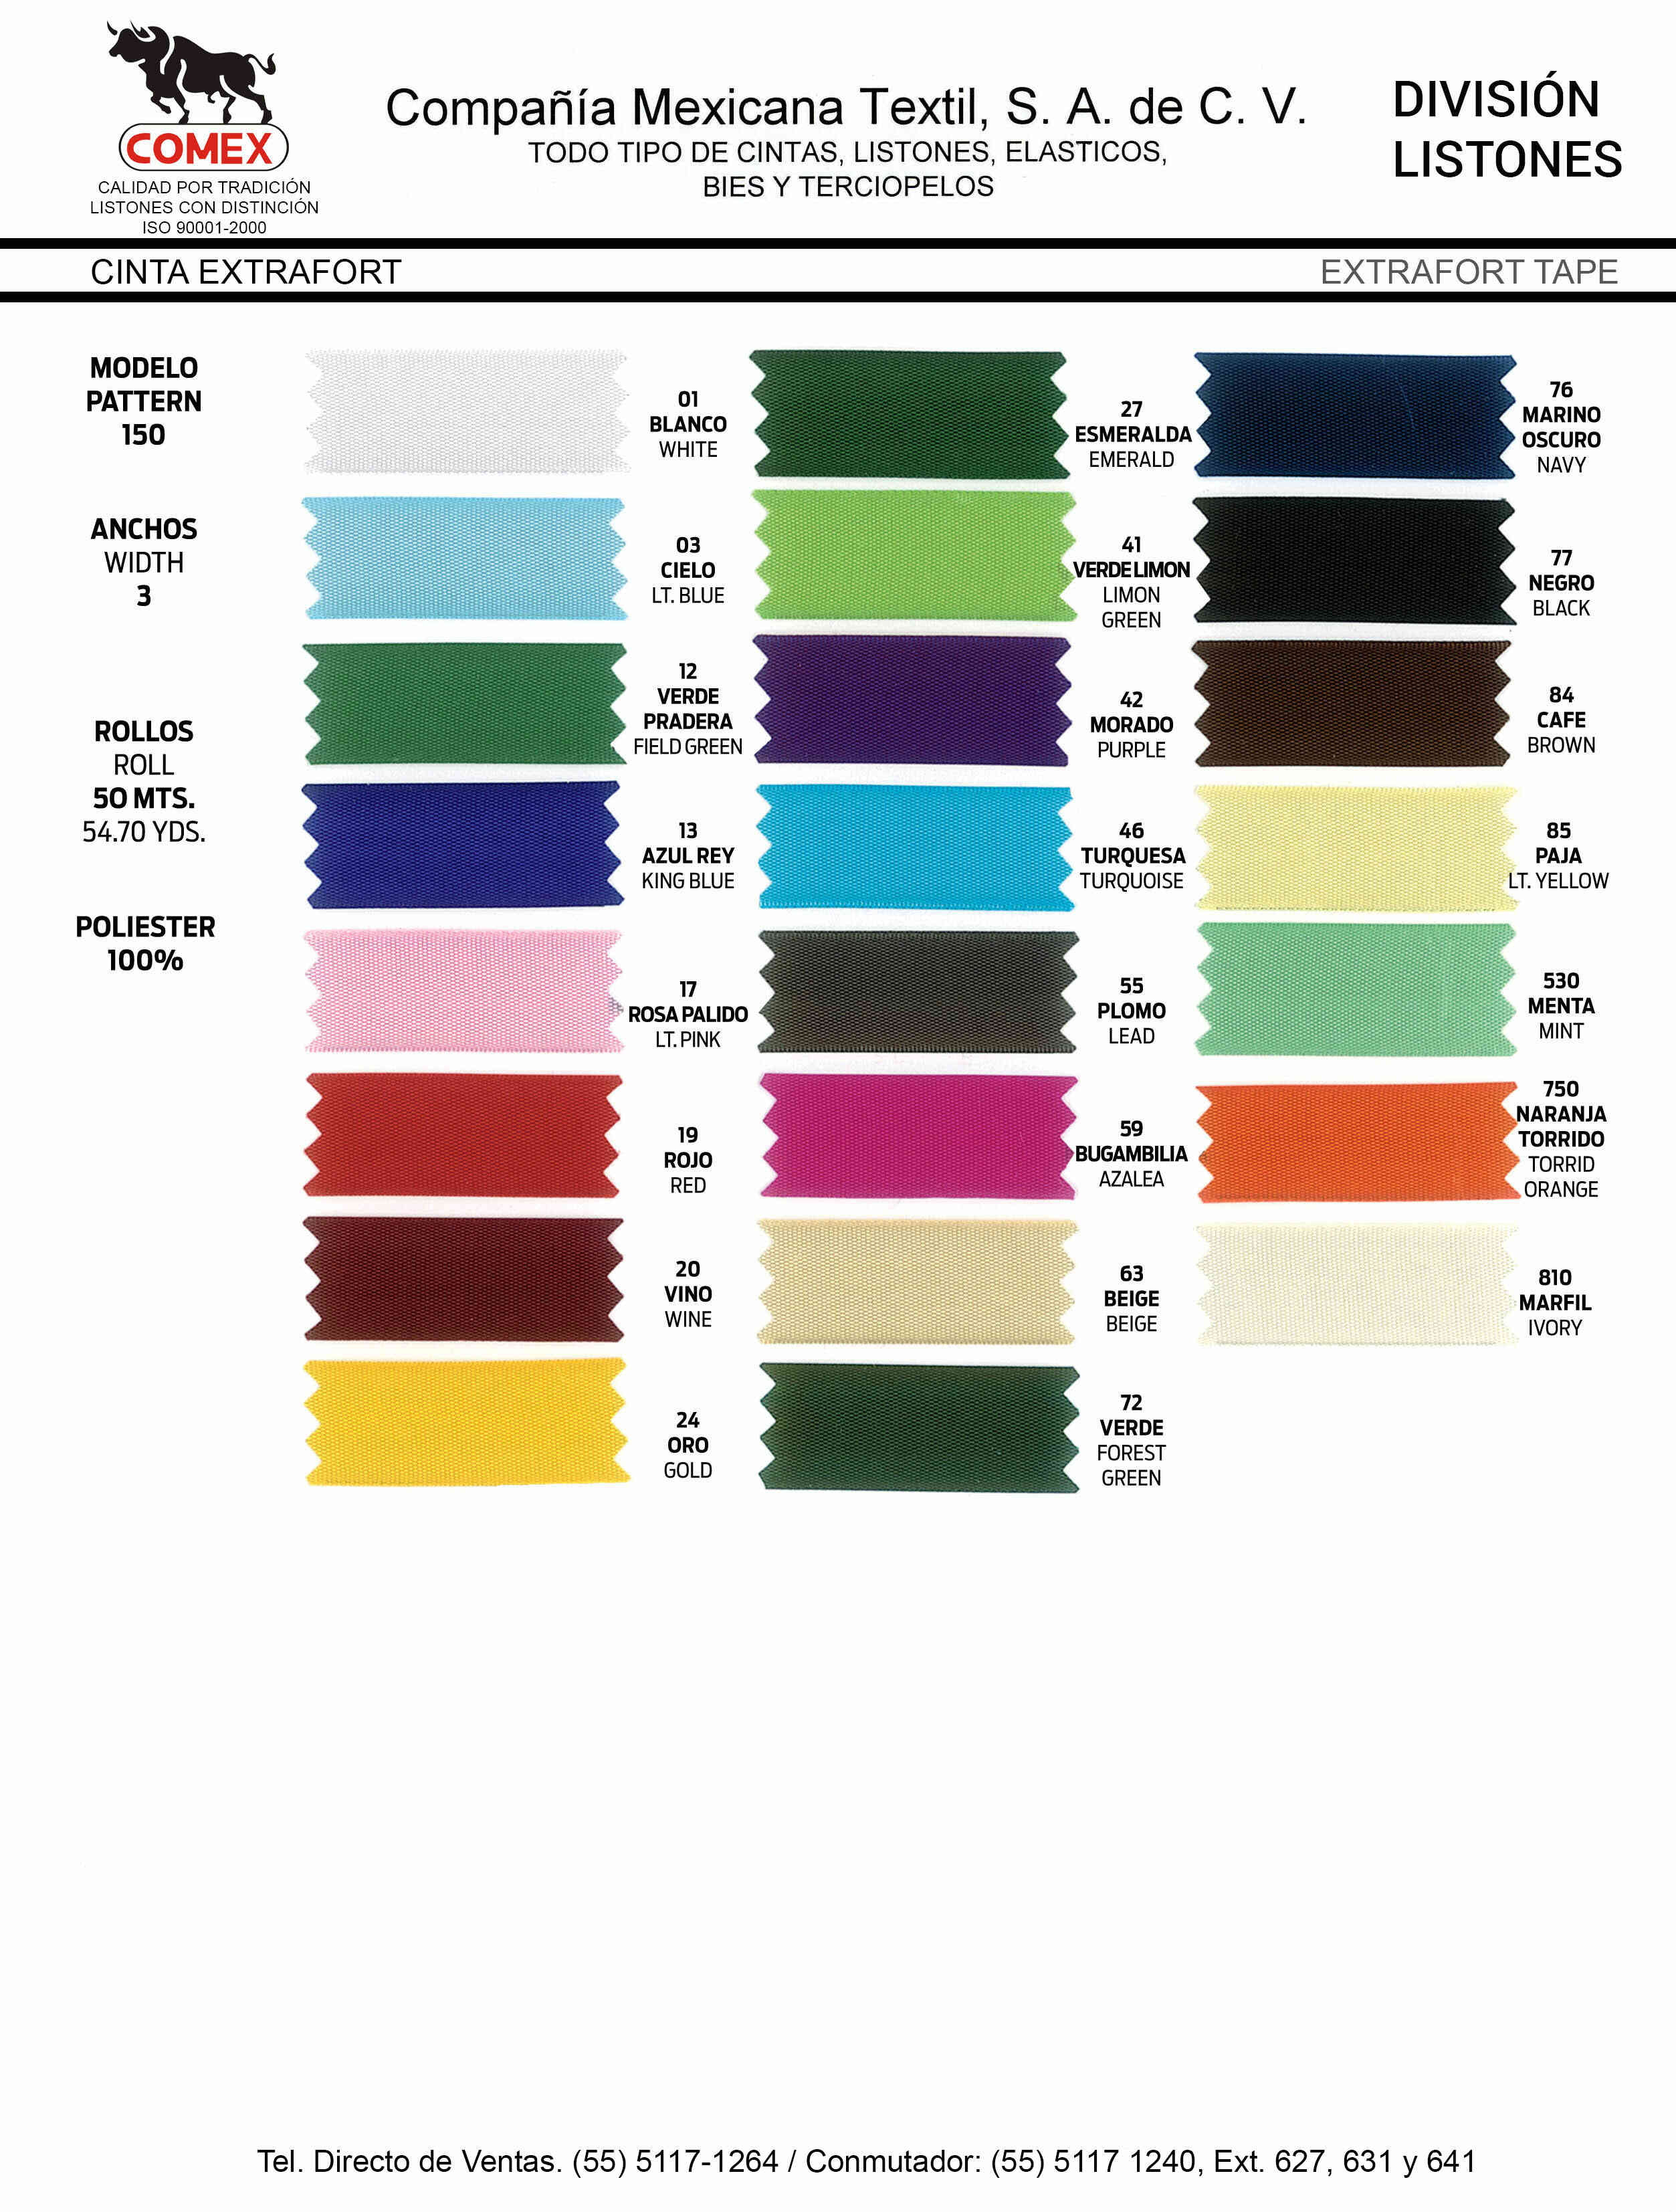 Anchos y Colores de Liston Mod.150 50.00 Mt.